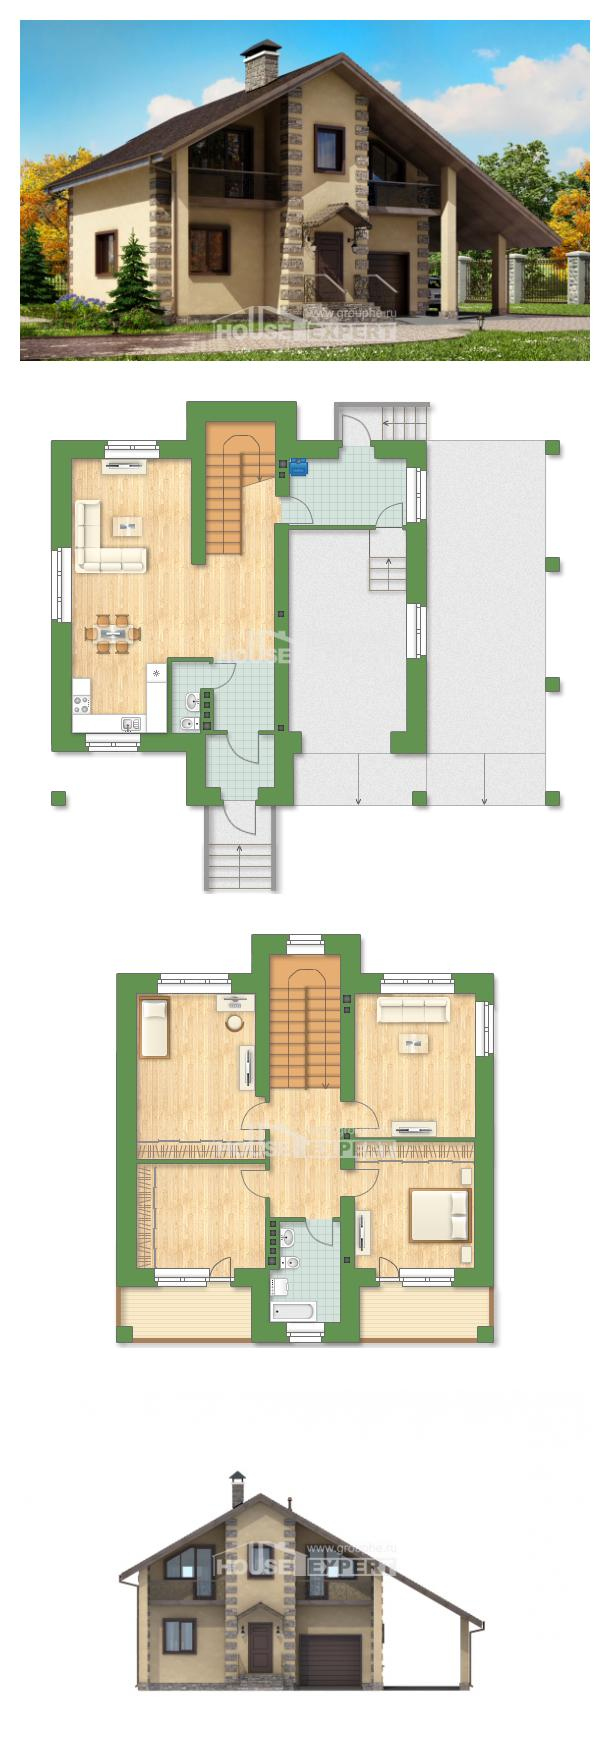 房子的设计 150-003-R | House Expert